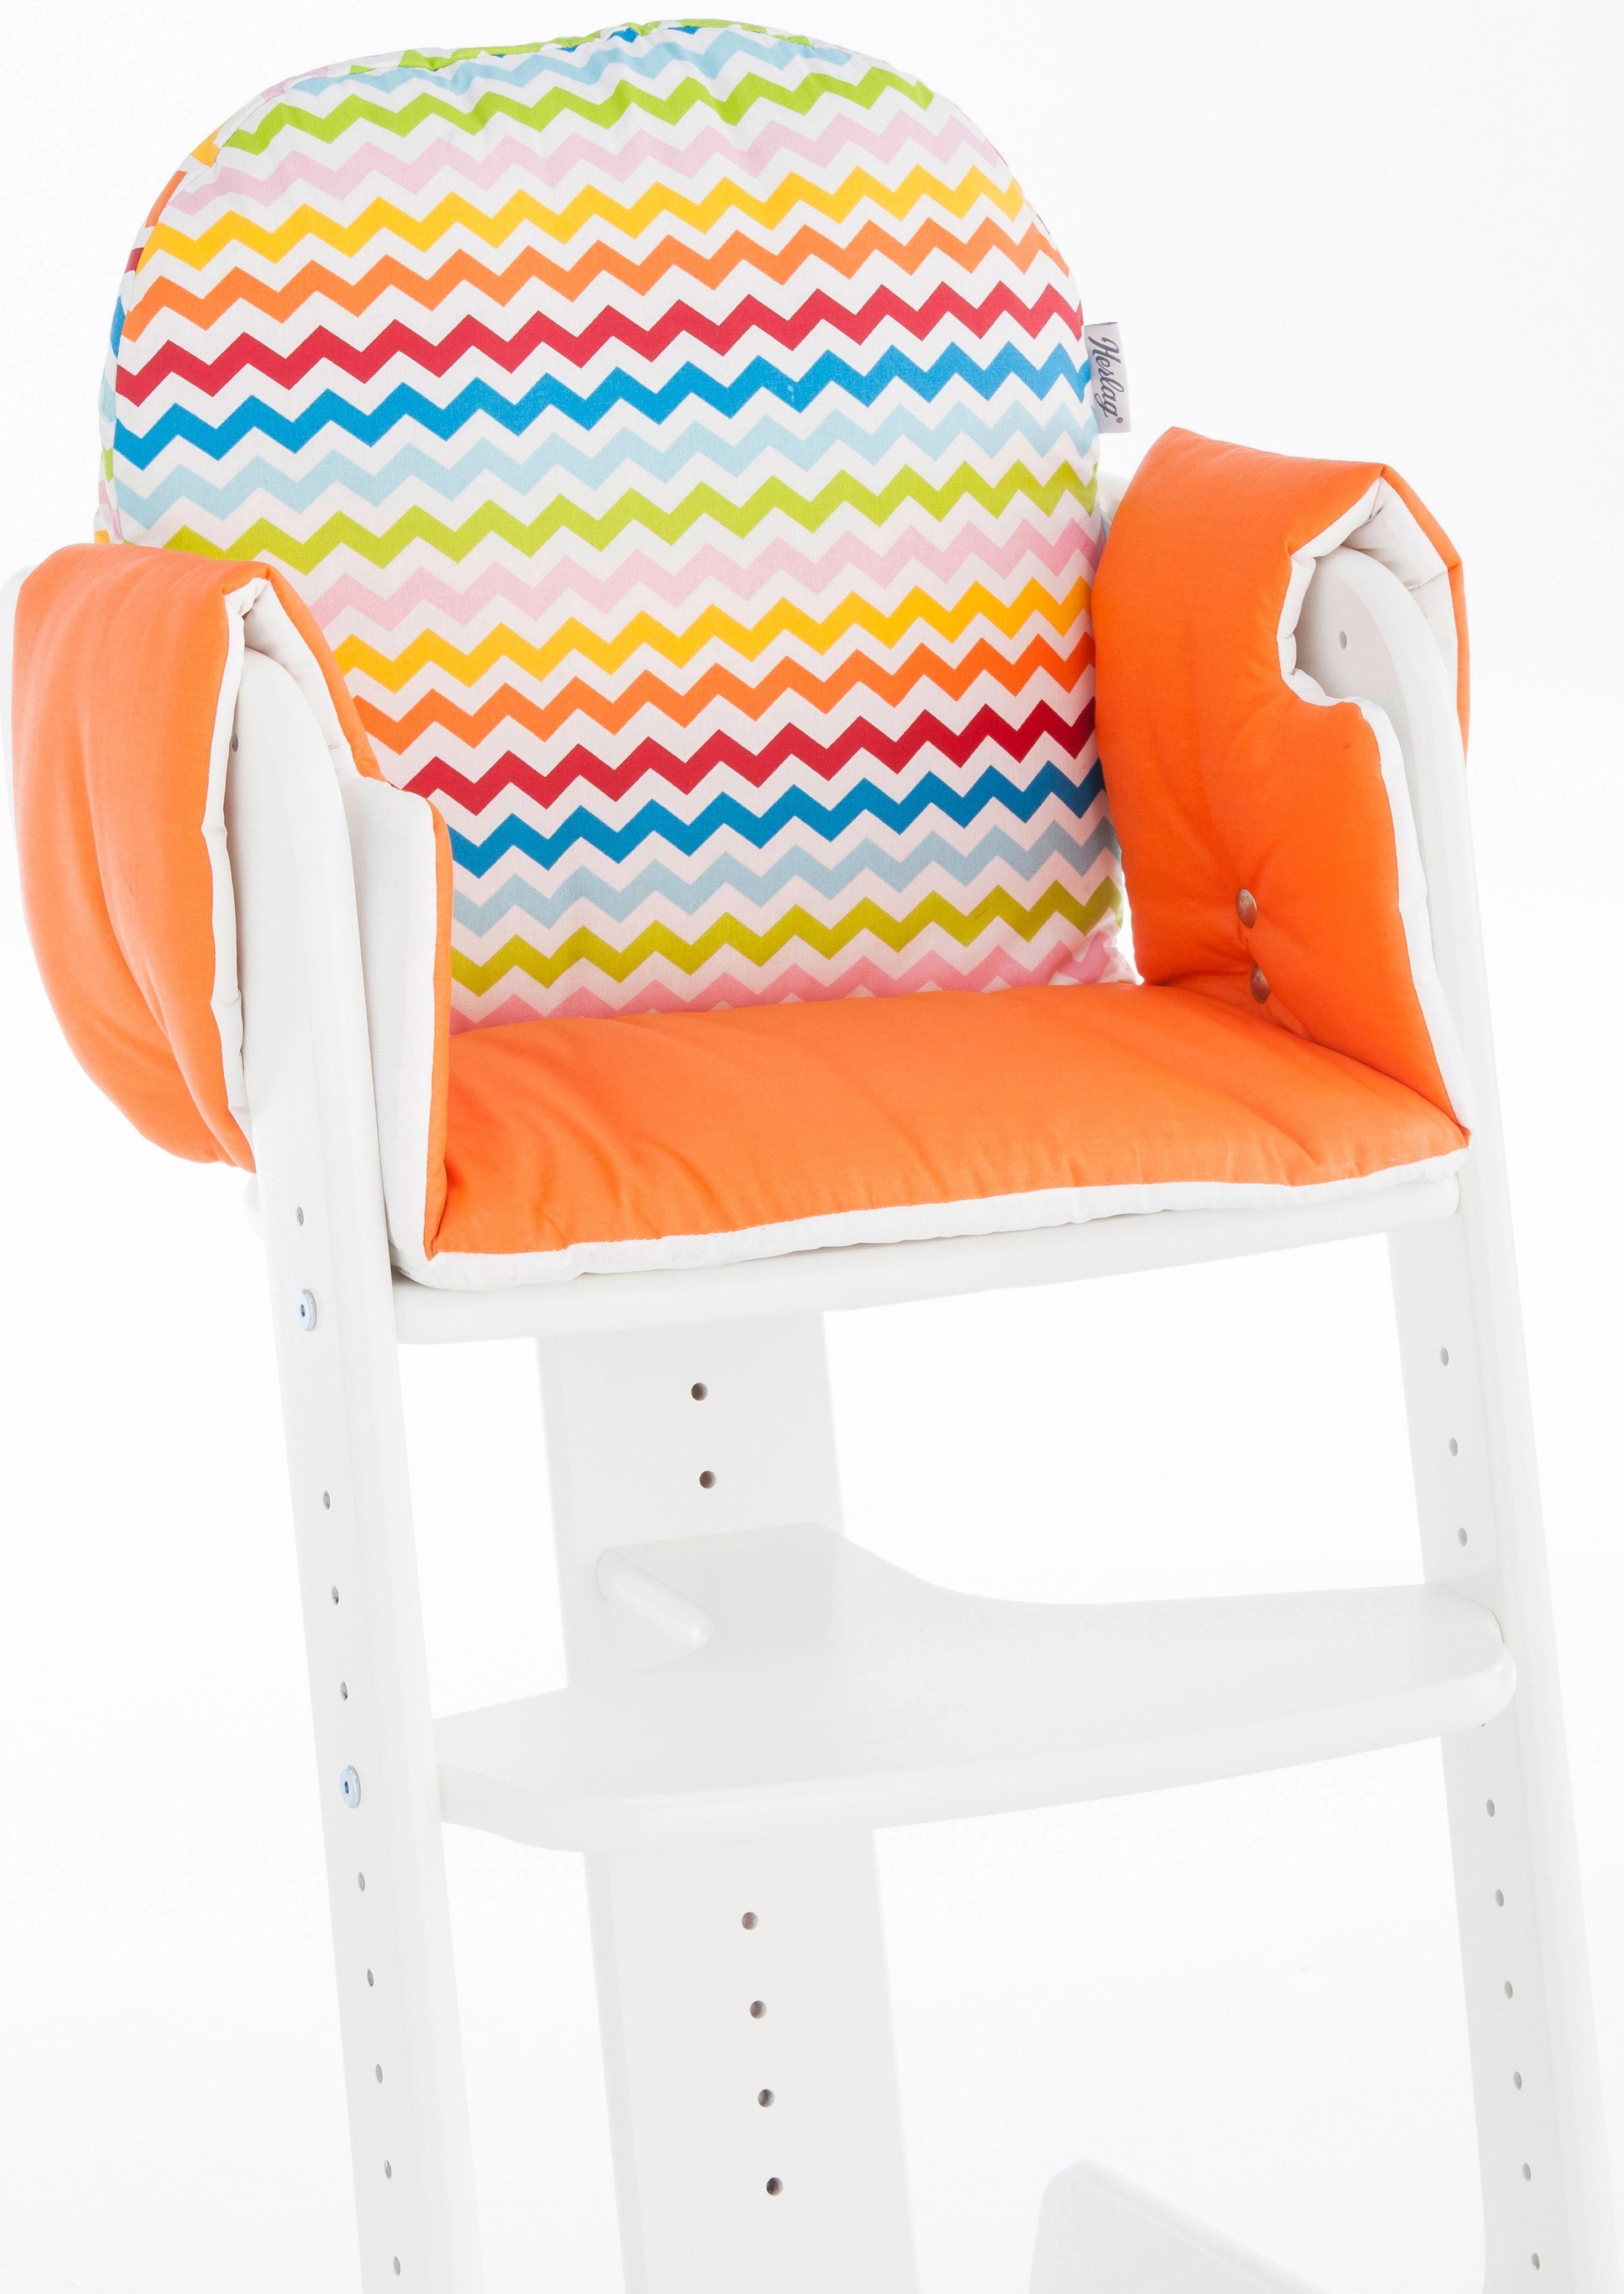 Herlag® Sitzpolster für Hochstuhl Tipp Topp IV, »orange«